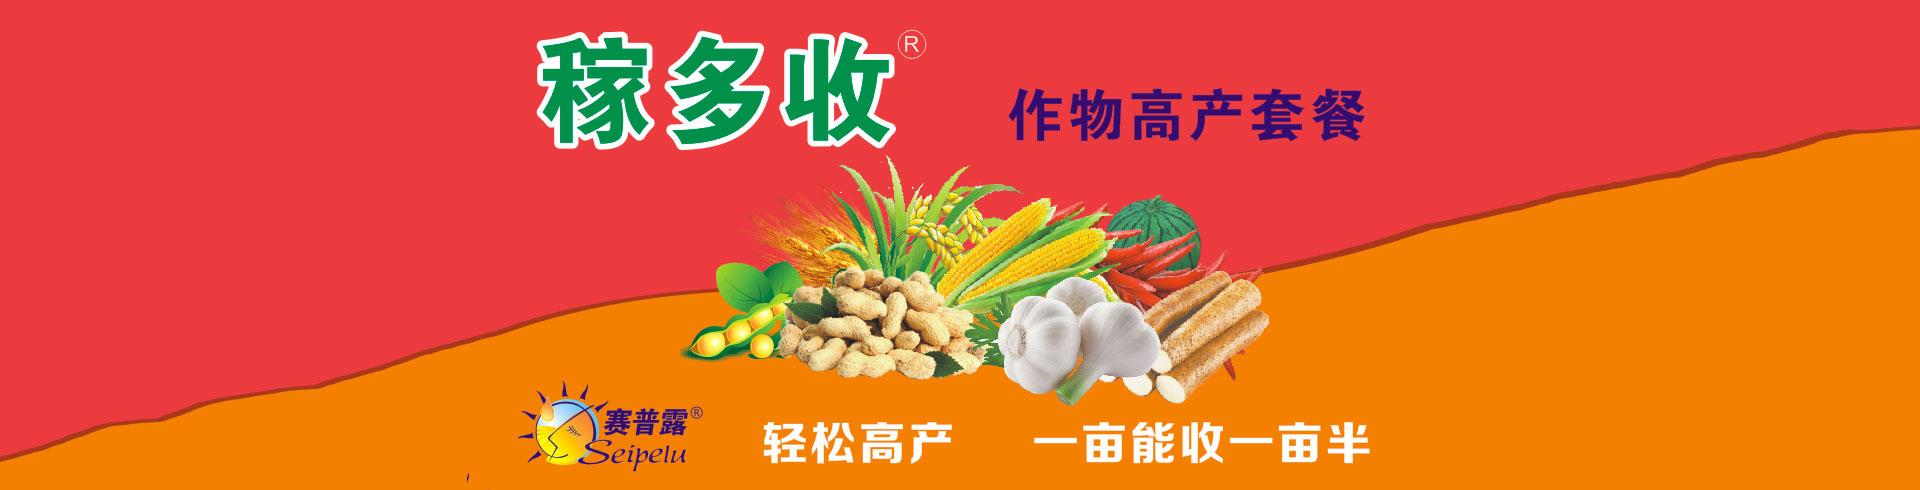 新西兰赛普露(中国)作物保护有限公司